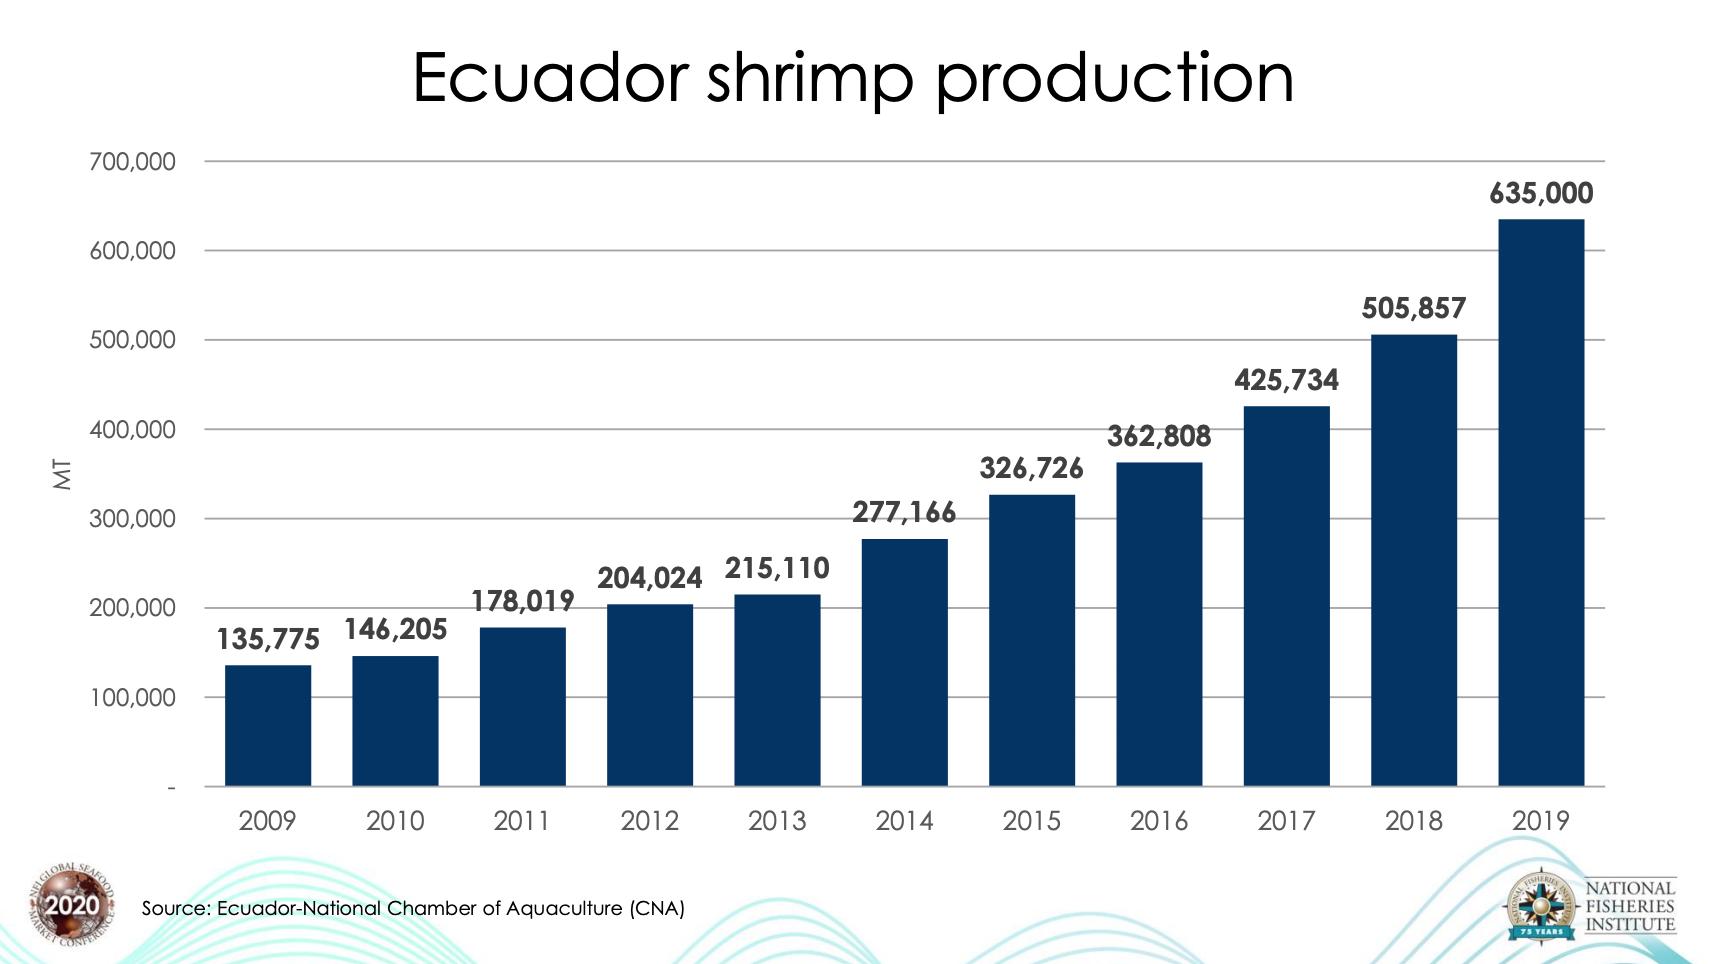 Giá tôm nuôi tăng đáng kể, các nhà nhập khẩu EU để mắt đến coronavirus - Ảnh 3.